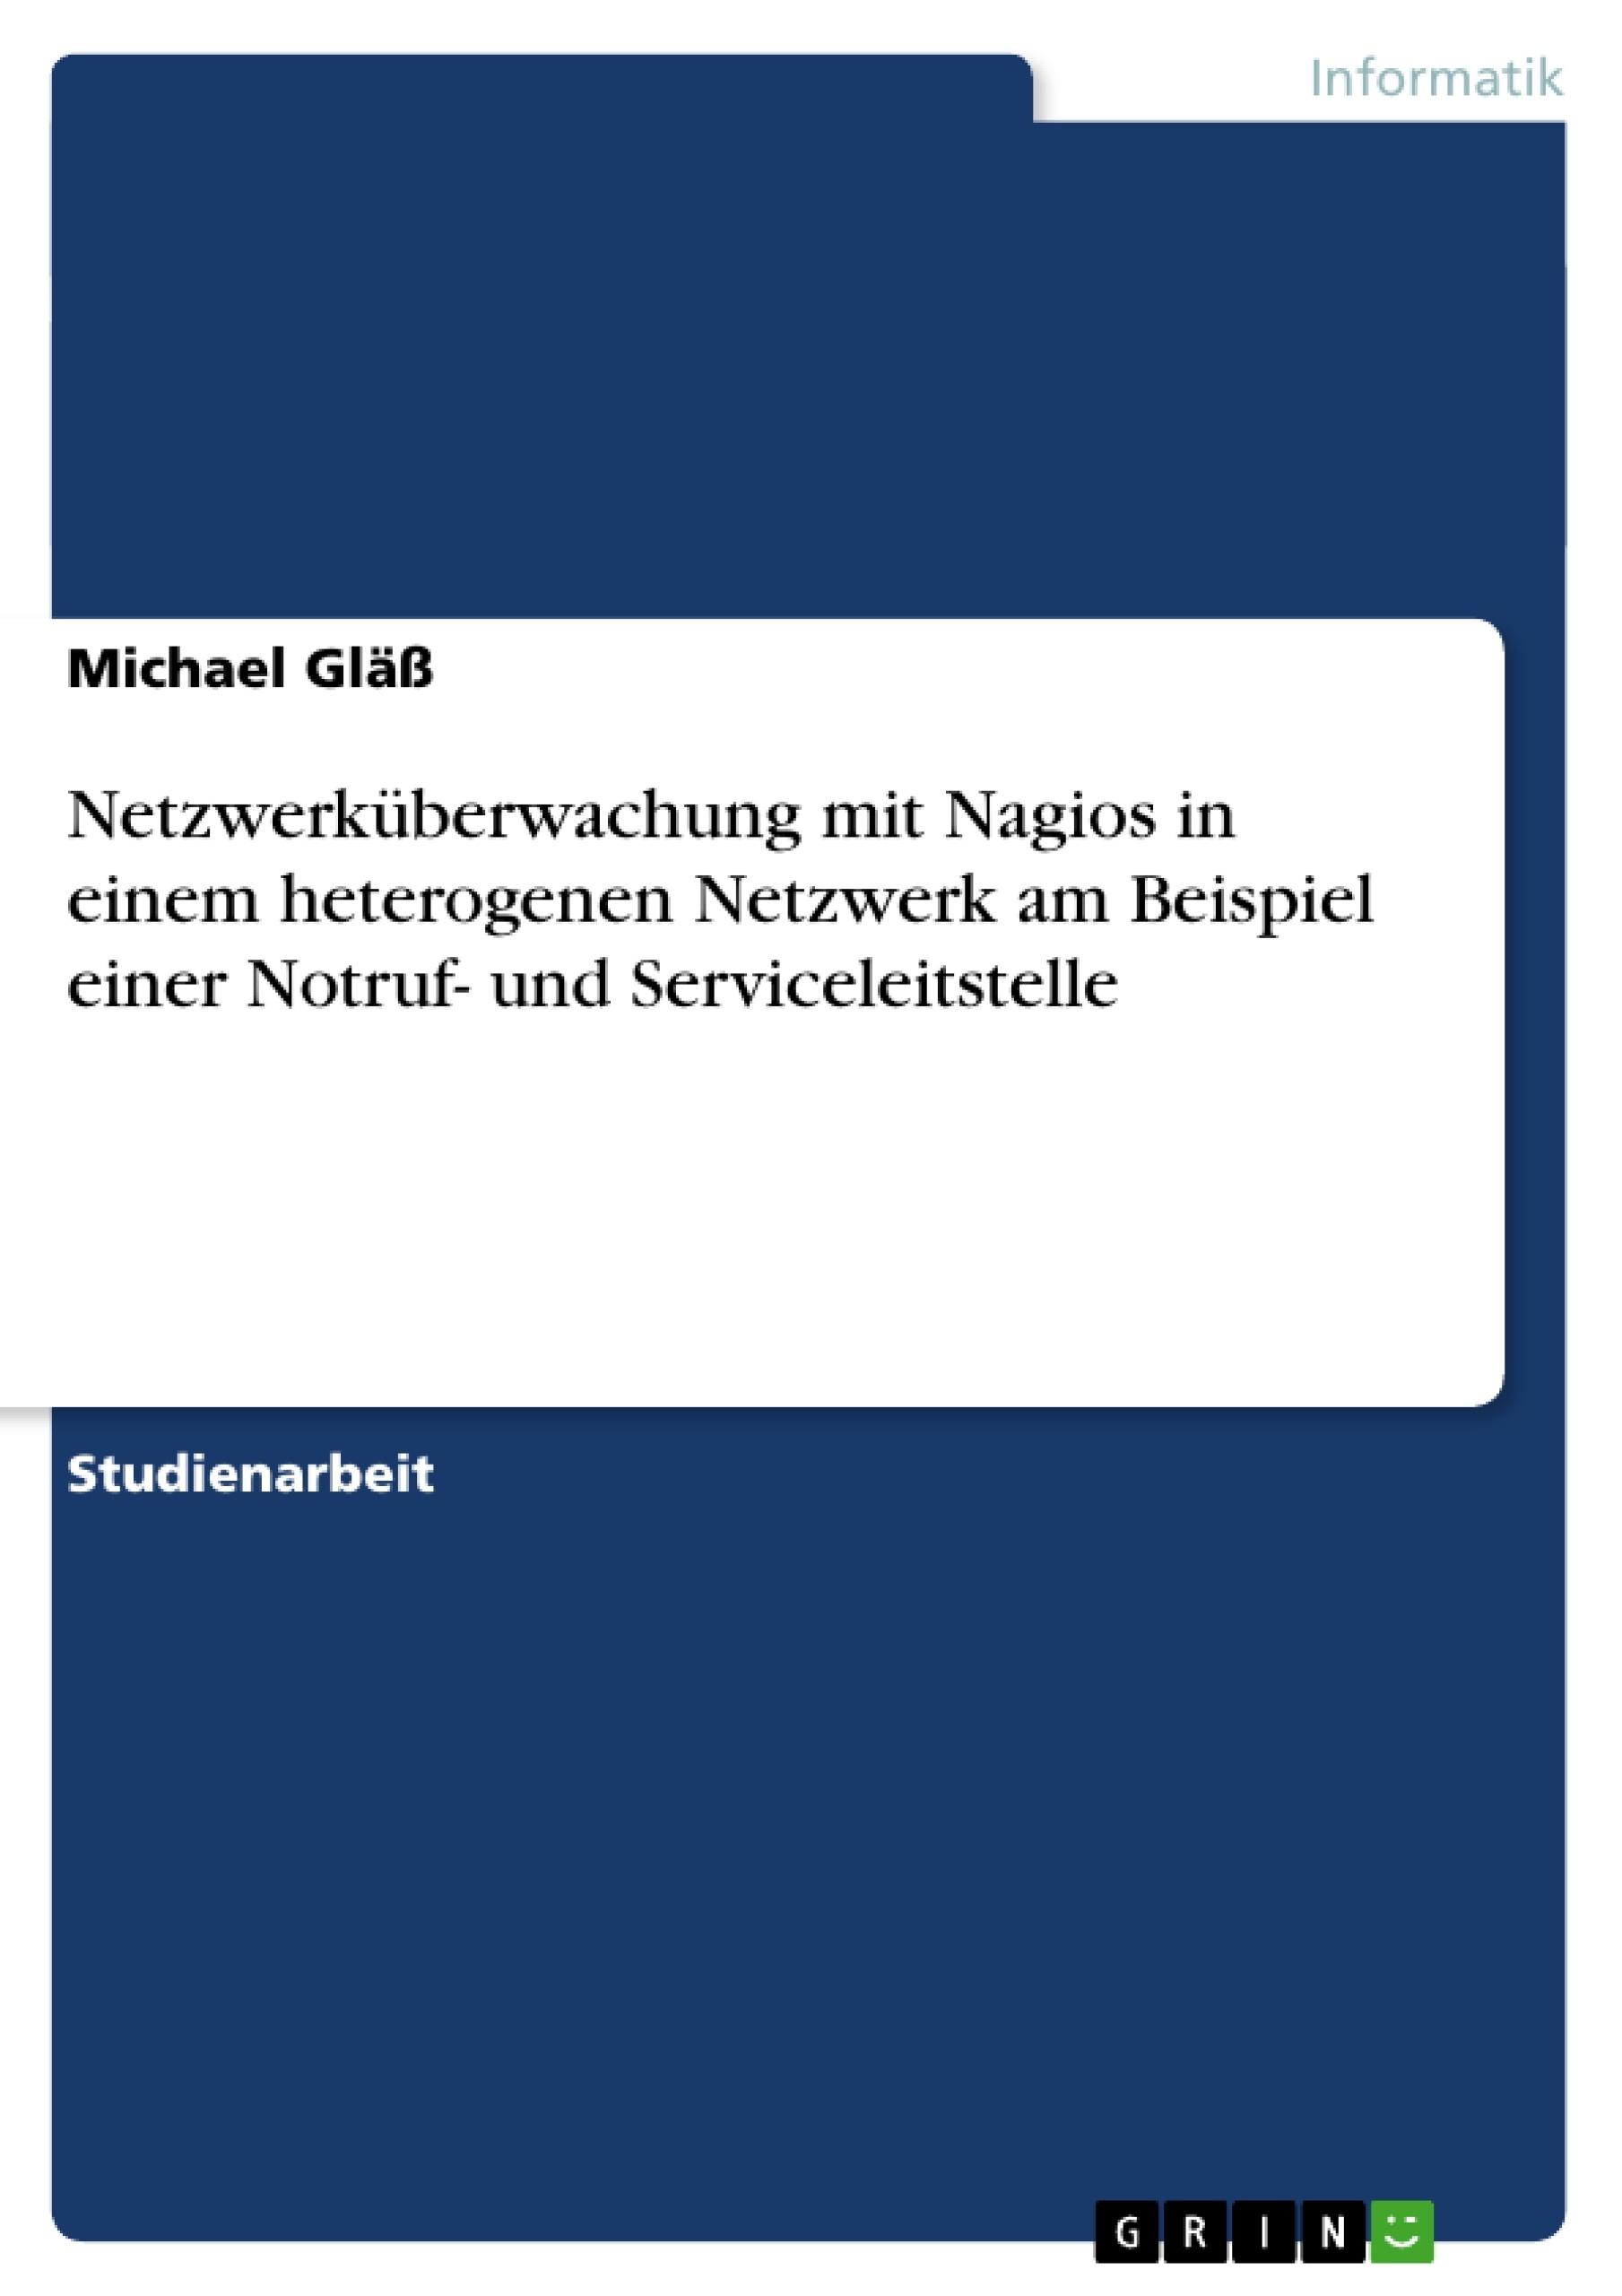 Titel: Netzwerküberwachung mit Nagios in einem heterogenen Netzwerk am Beispiel einer Notruf- und Serviceleitstelle